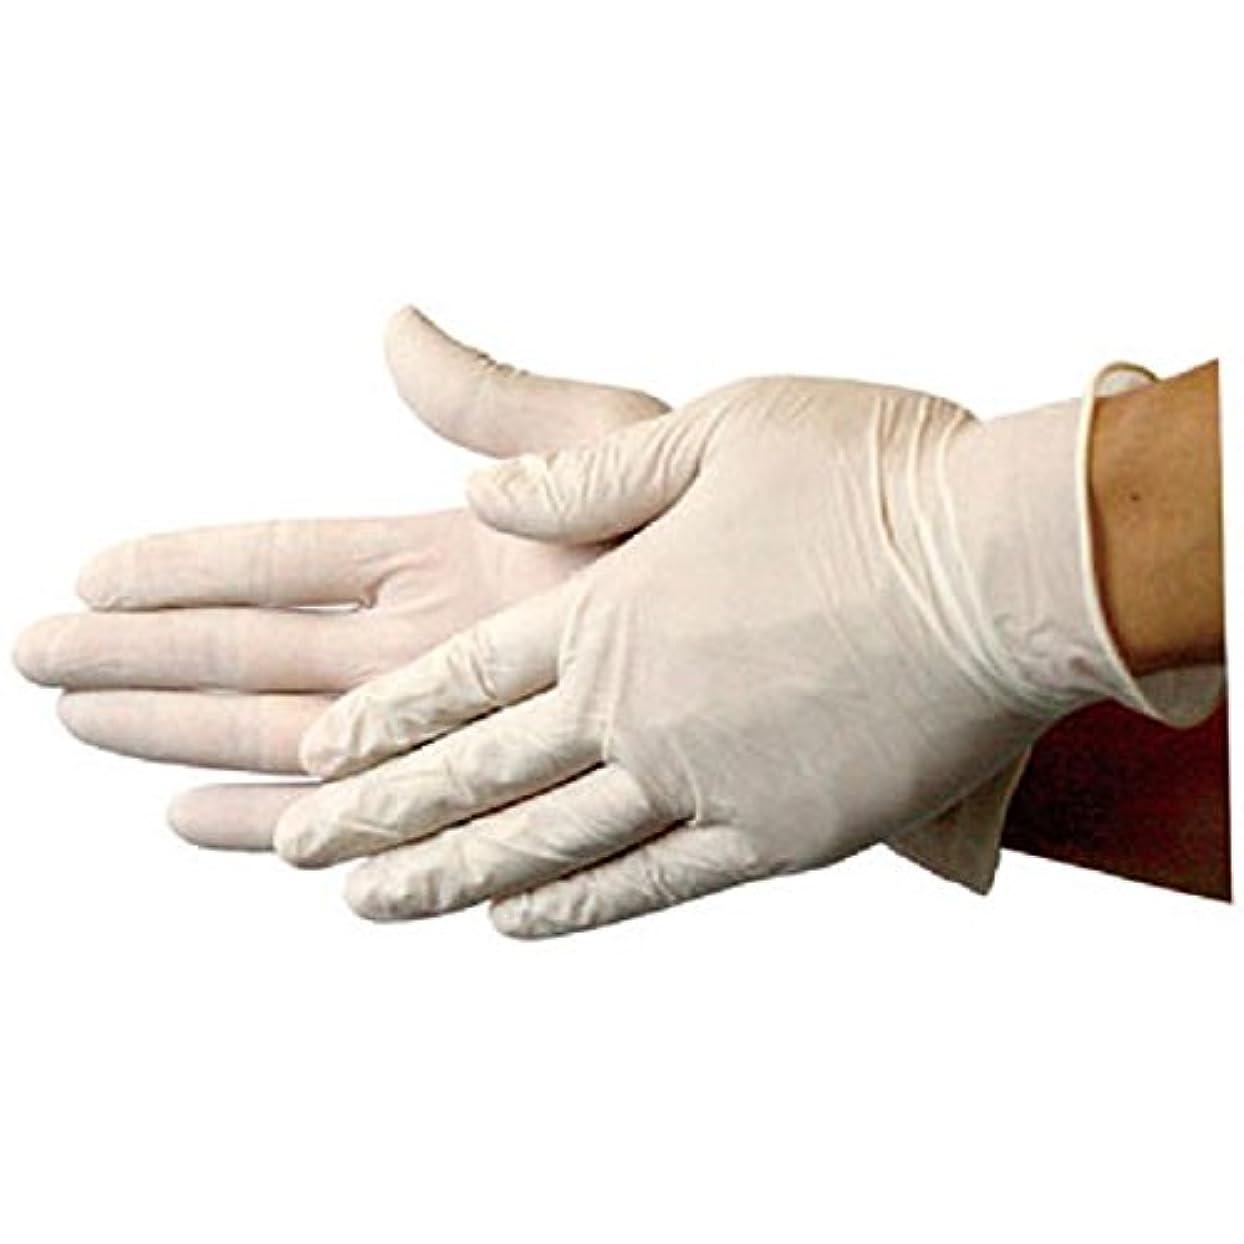 ラテックス手袋(M) 100枚 業務用手袋(EG?????750白)